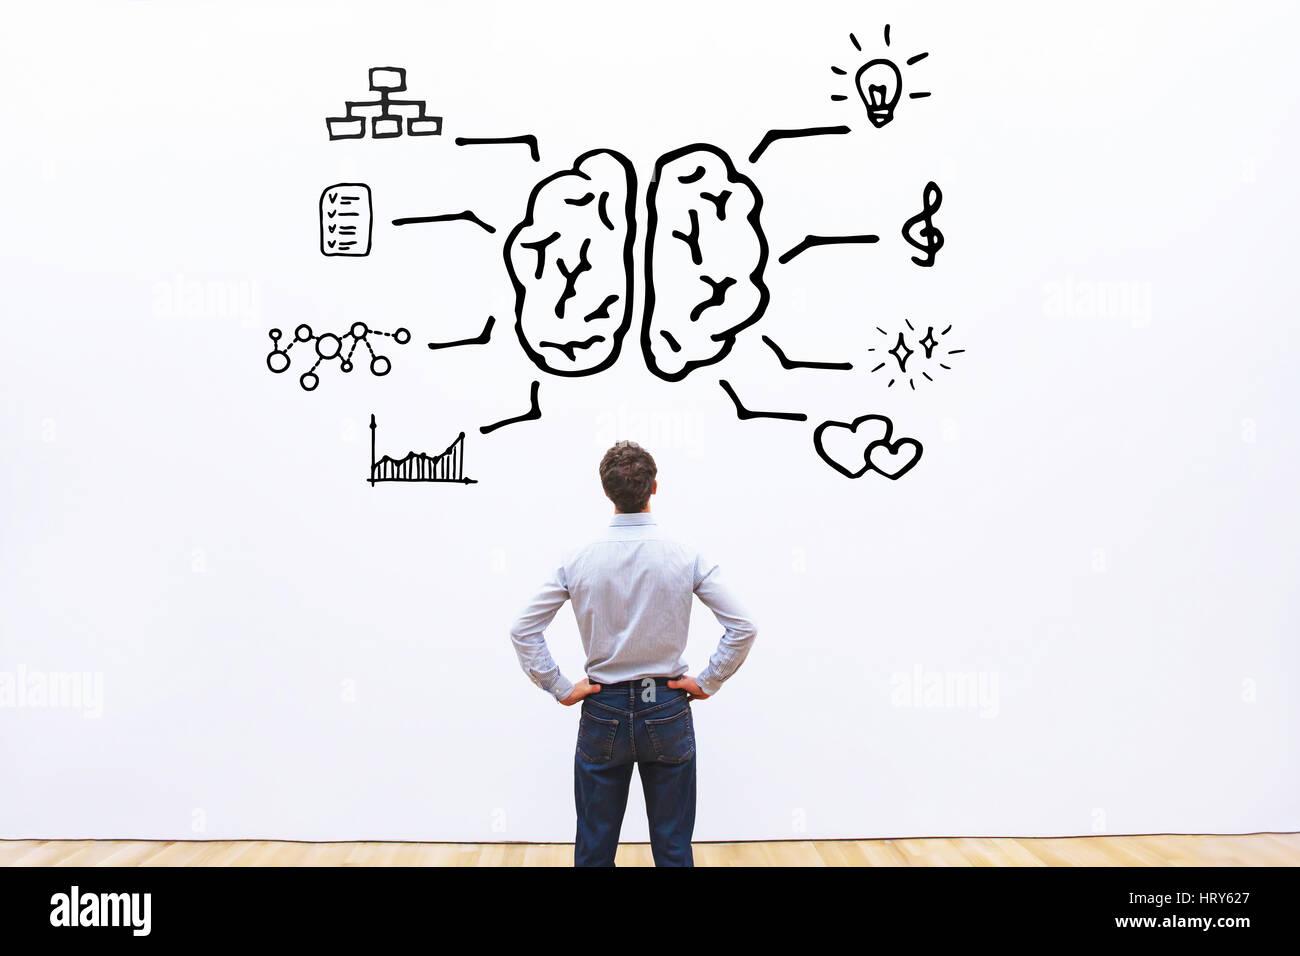 Cerebro Humano derecha izquierda concepto Imagen De Stock